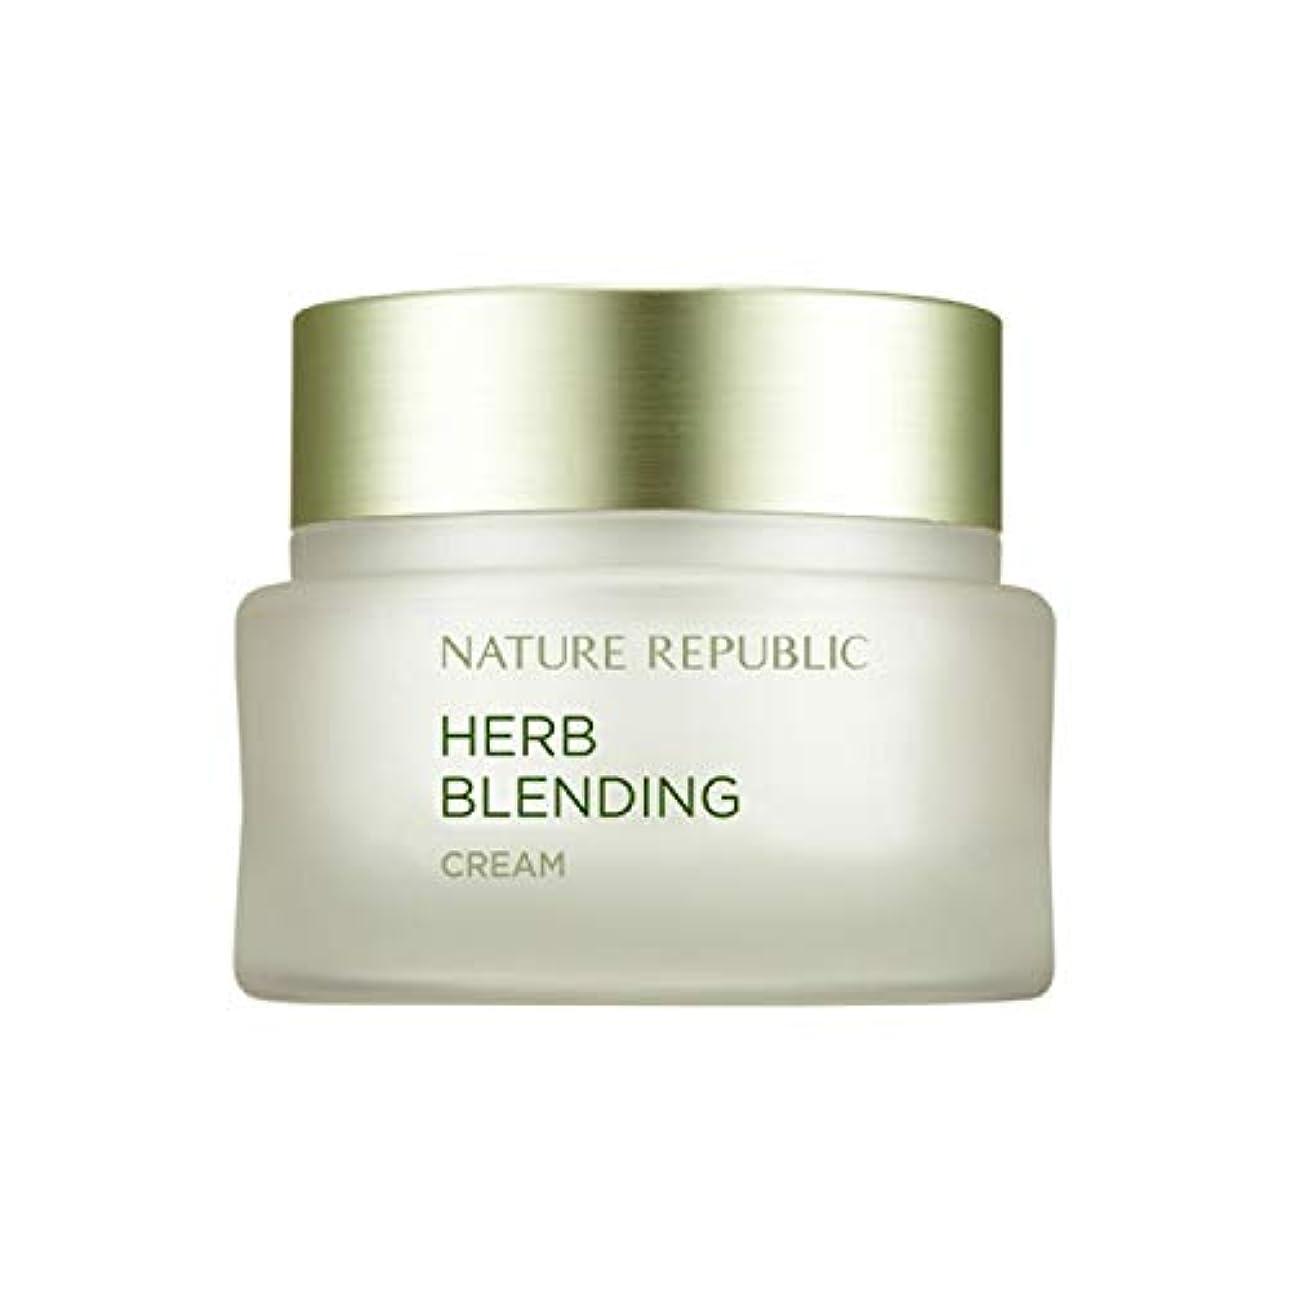 ロイヤリティ無関心トーストネイチャーリパブリック(Nature Republic)ハブブレンドクリーム 50ml / Herb Blending Cream 50ml :: 韓国コスメ [並行輸入品]